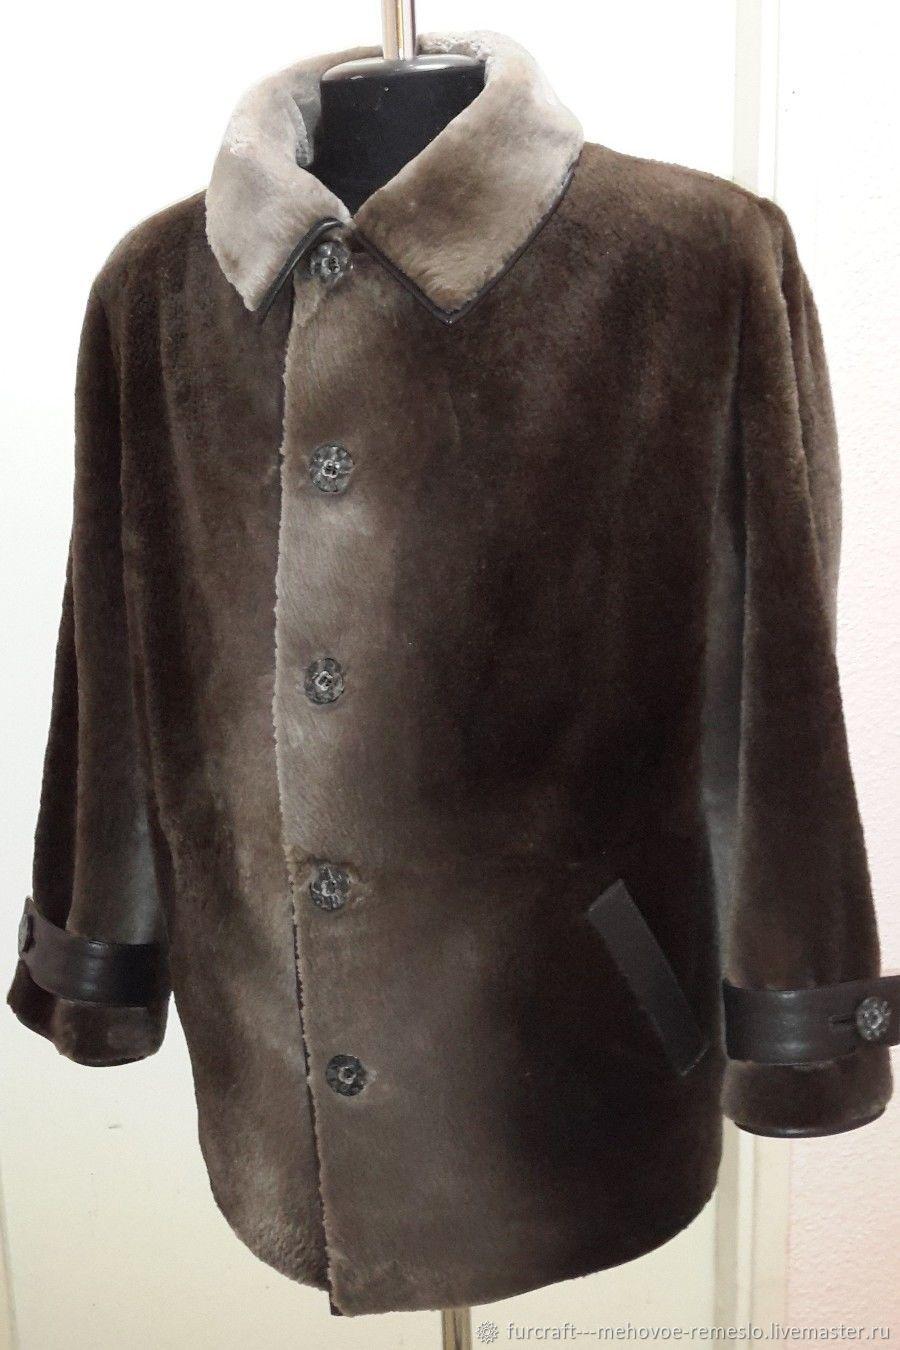 Пальто меховое из стриженого бобра, Верхняя одежда мужская, Санкт-Петербург,  Фото №1